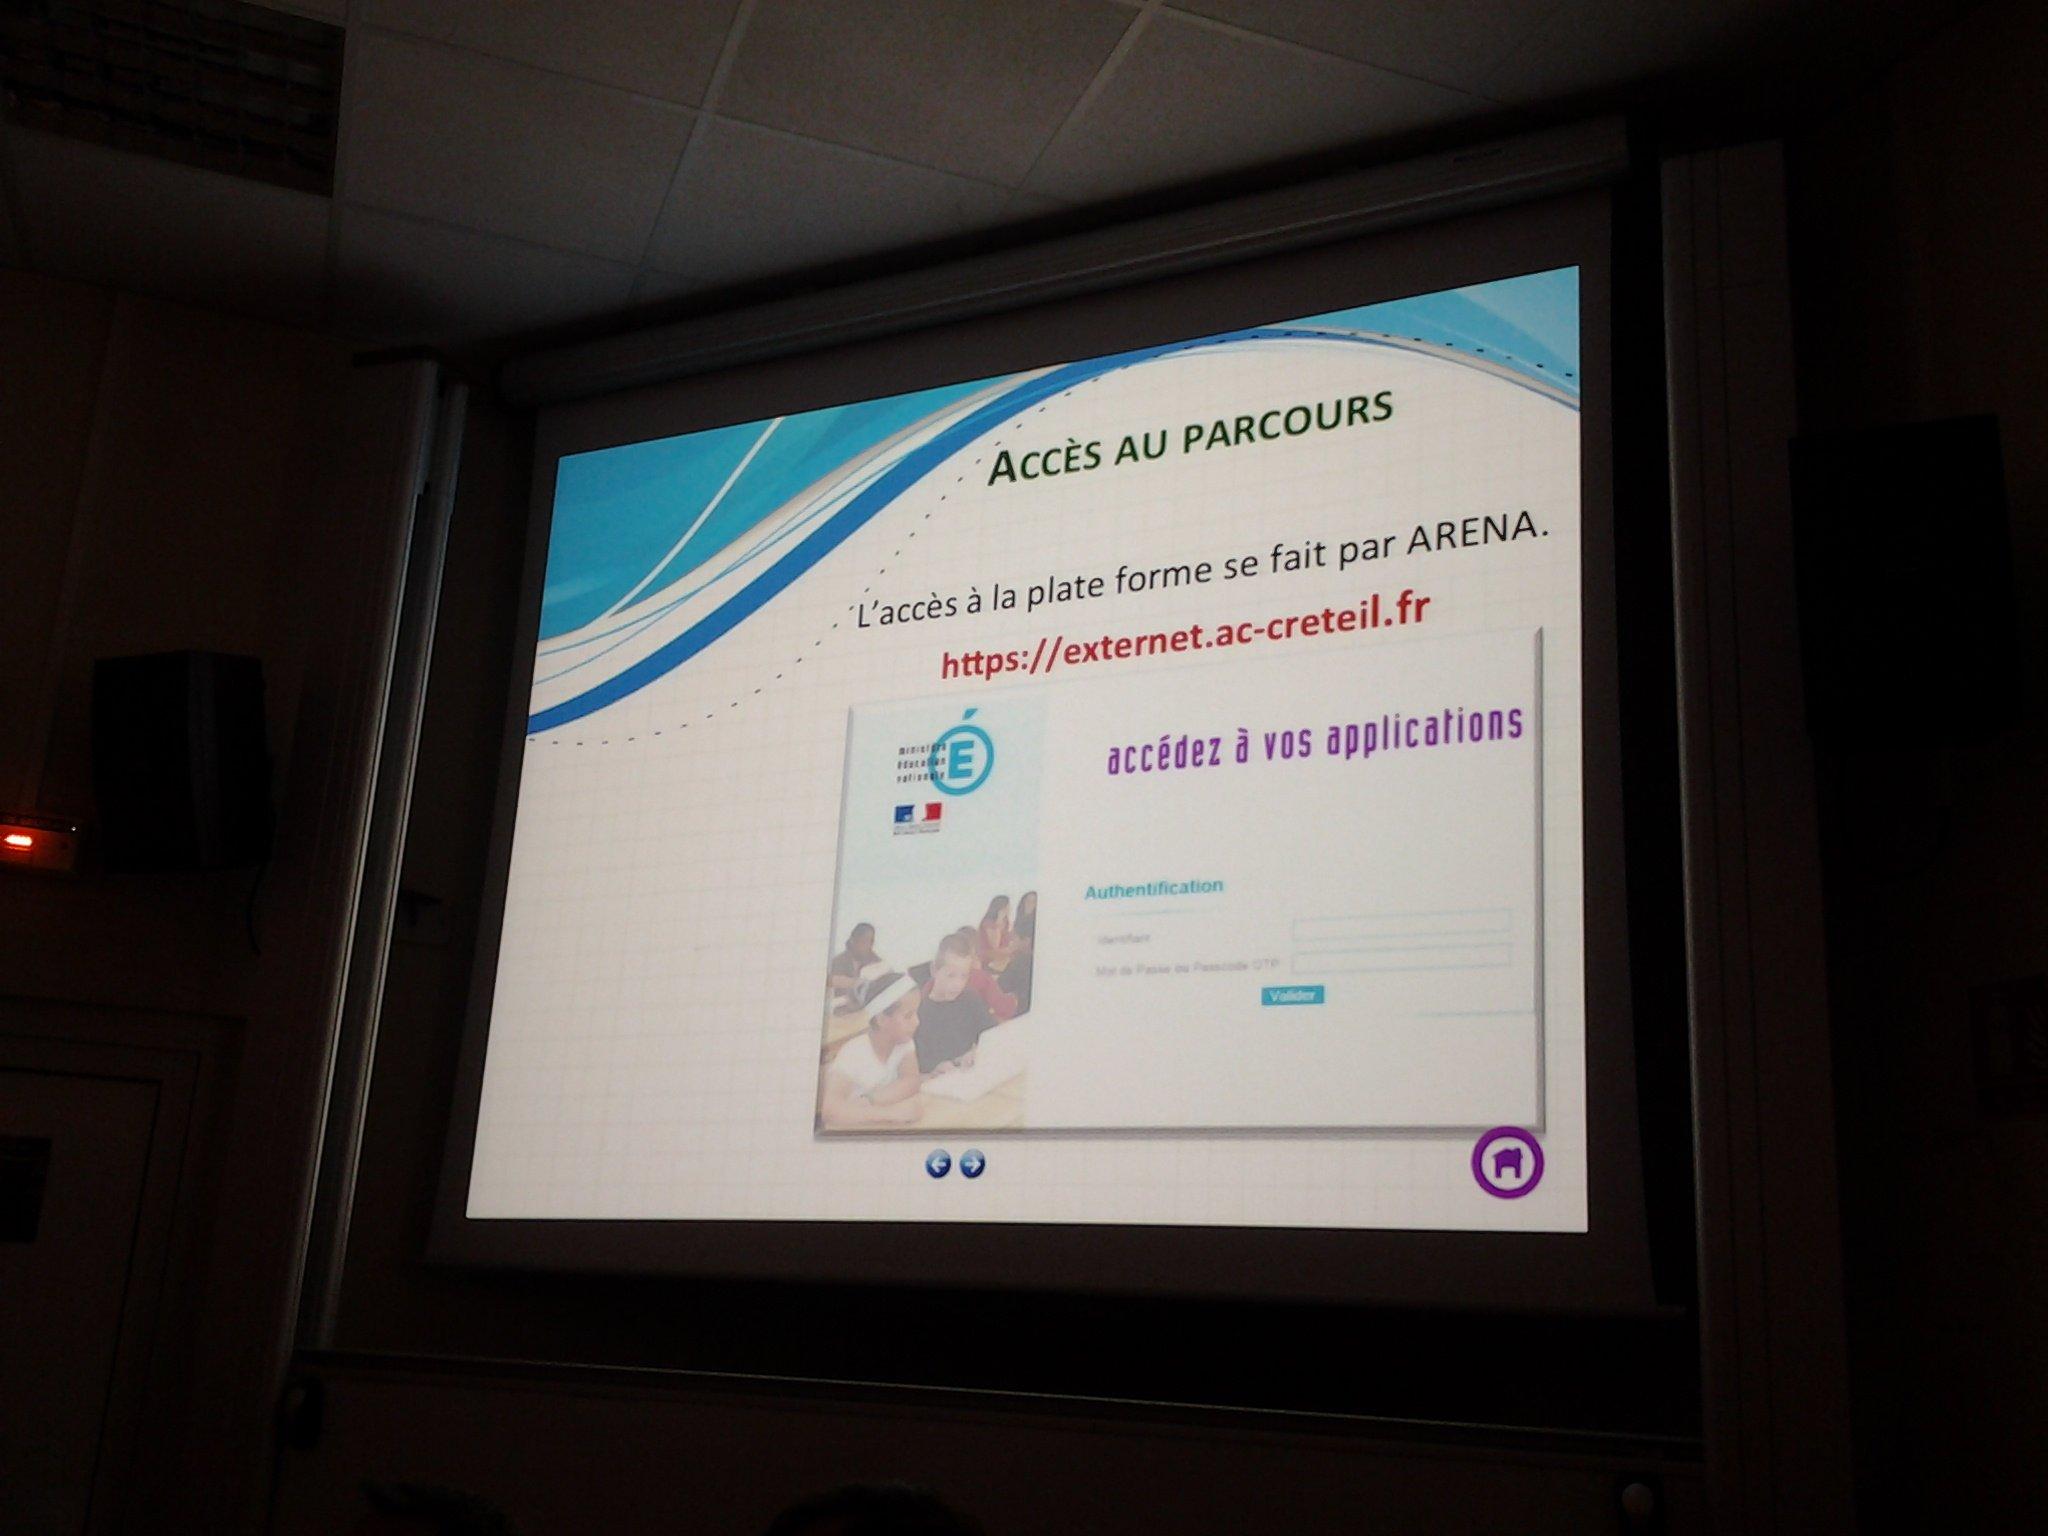 #PlanNumCreteil: le plan exceptionnel au numérique par le numérique s'appuie sur le plateforme #M@gistere @FredLevas https://t.co/uie2M7lplp